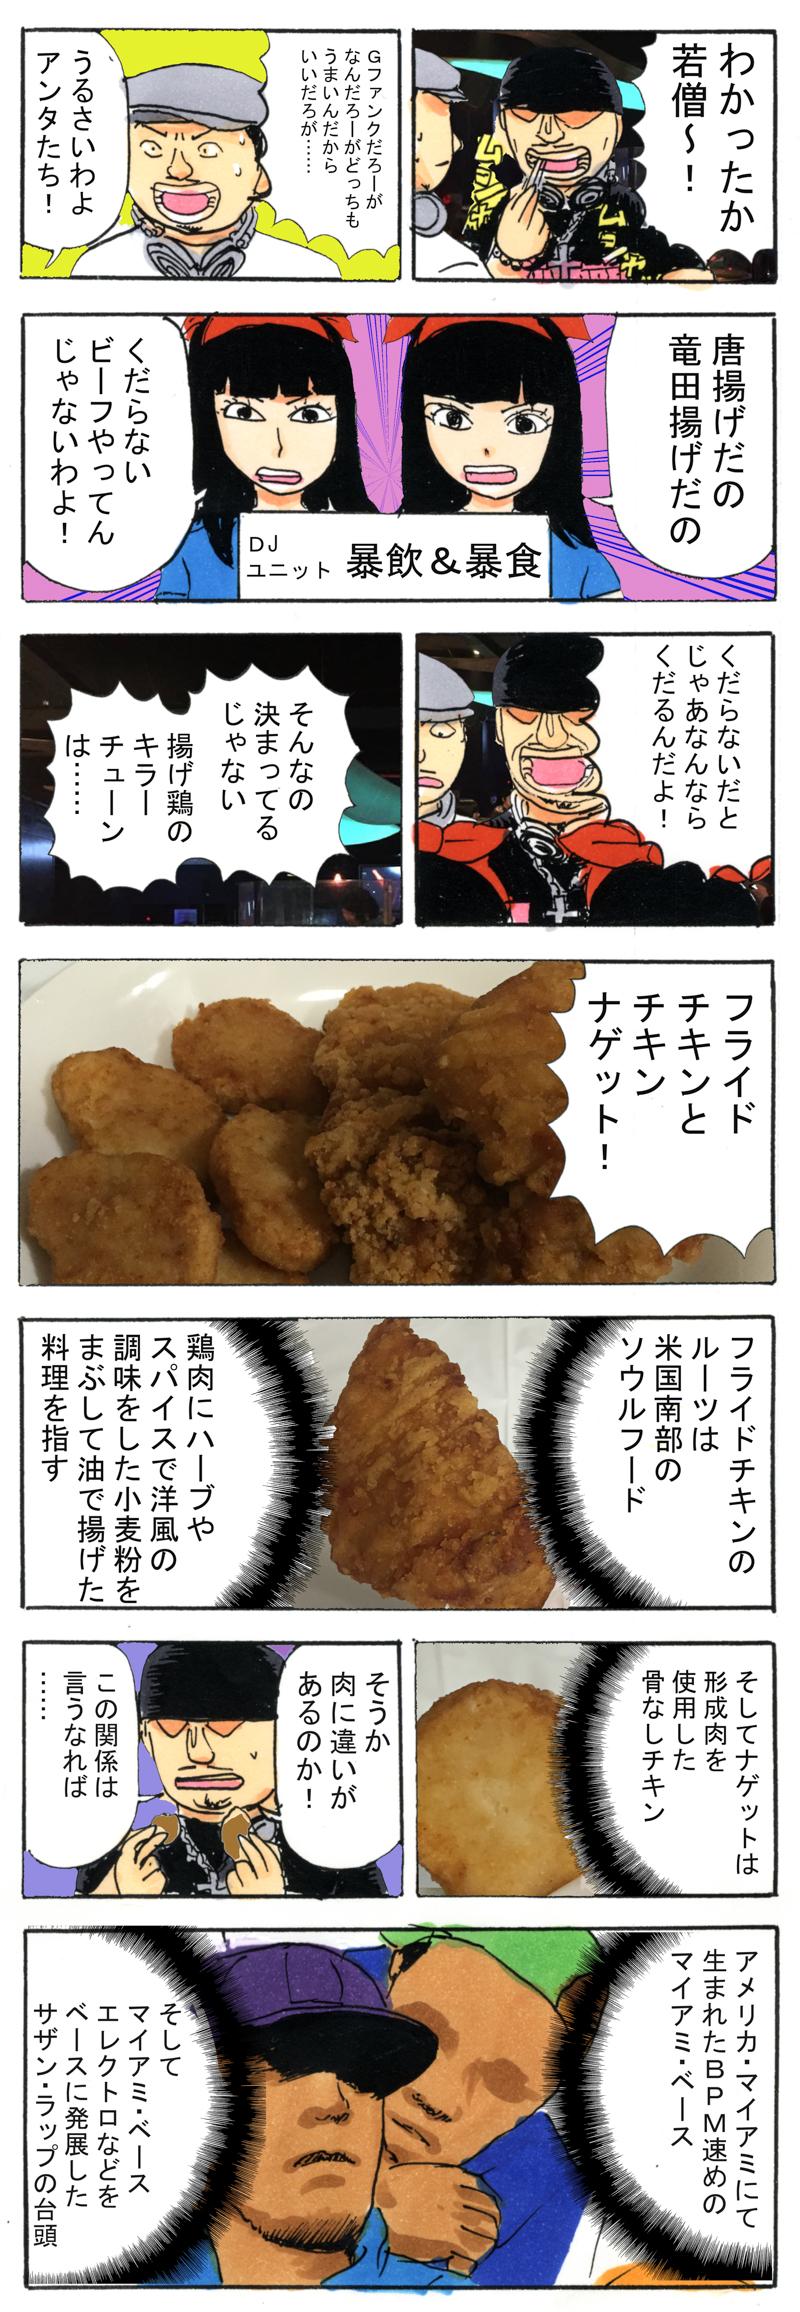 【DJメシ】唐揚げ、竜田揚げ、フライドチキン……本当にうまい「揚げ鶏」とは